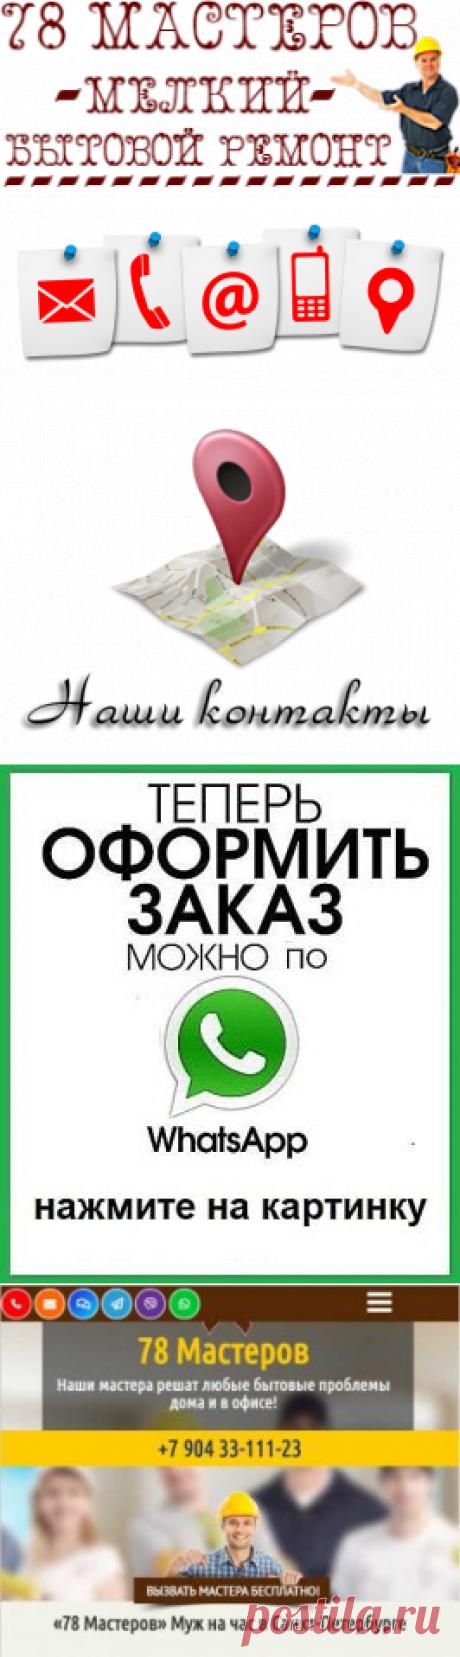 Контакты | 78 Мастеров | Мелкий ремонт СПб | Муж на час СПб